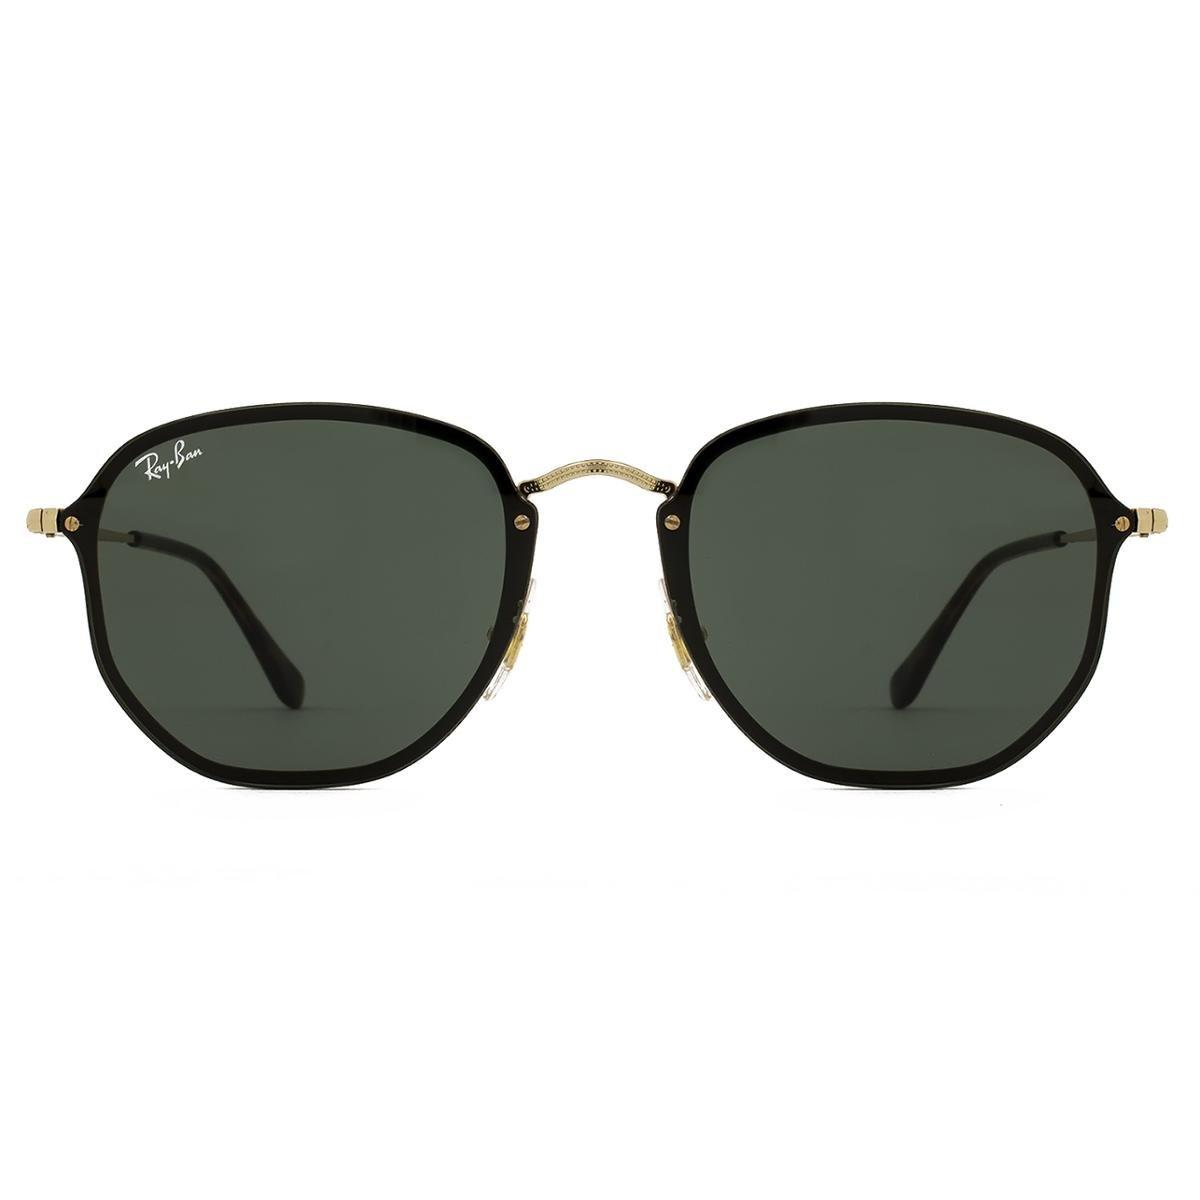 32e9931b28fea Óculos de Sol Ray Ban Blaze Hexagonal RB3579N 001 71-58 - Compre ...